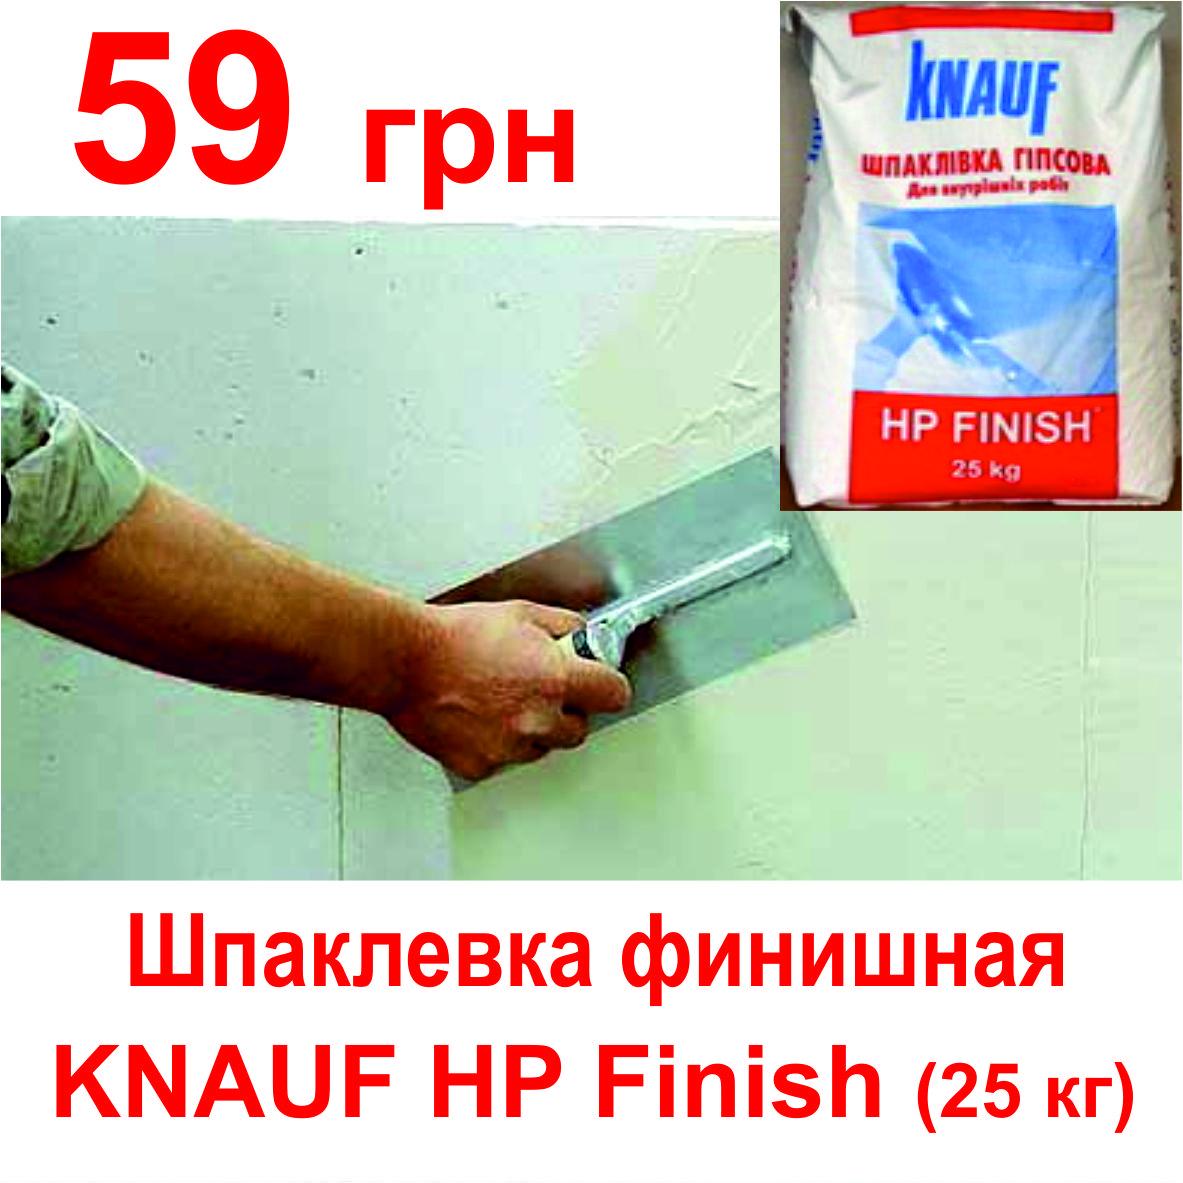 Шпаклевка финишная купить Харьков